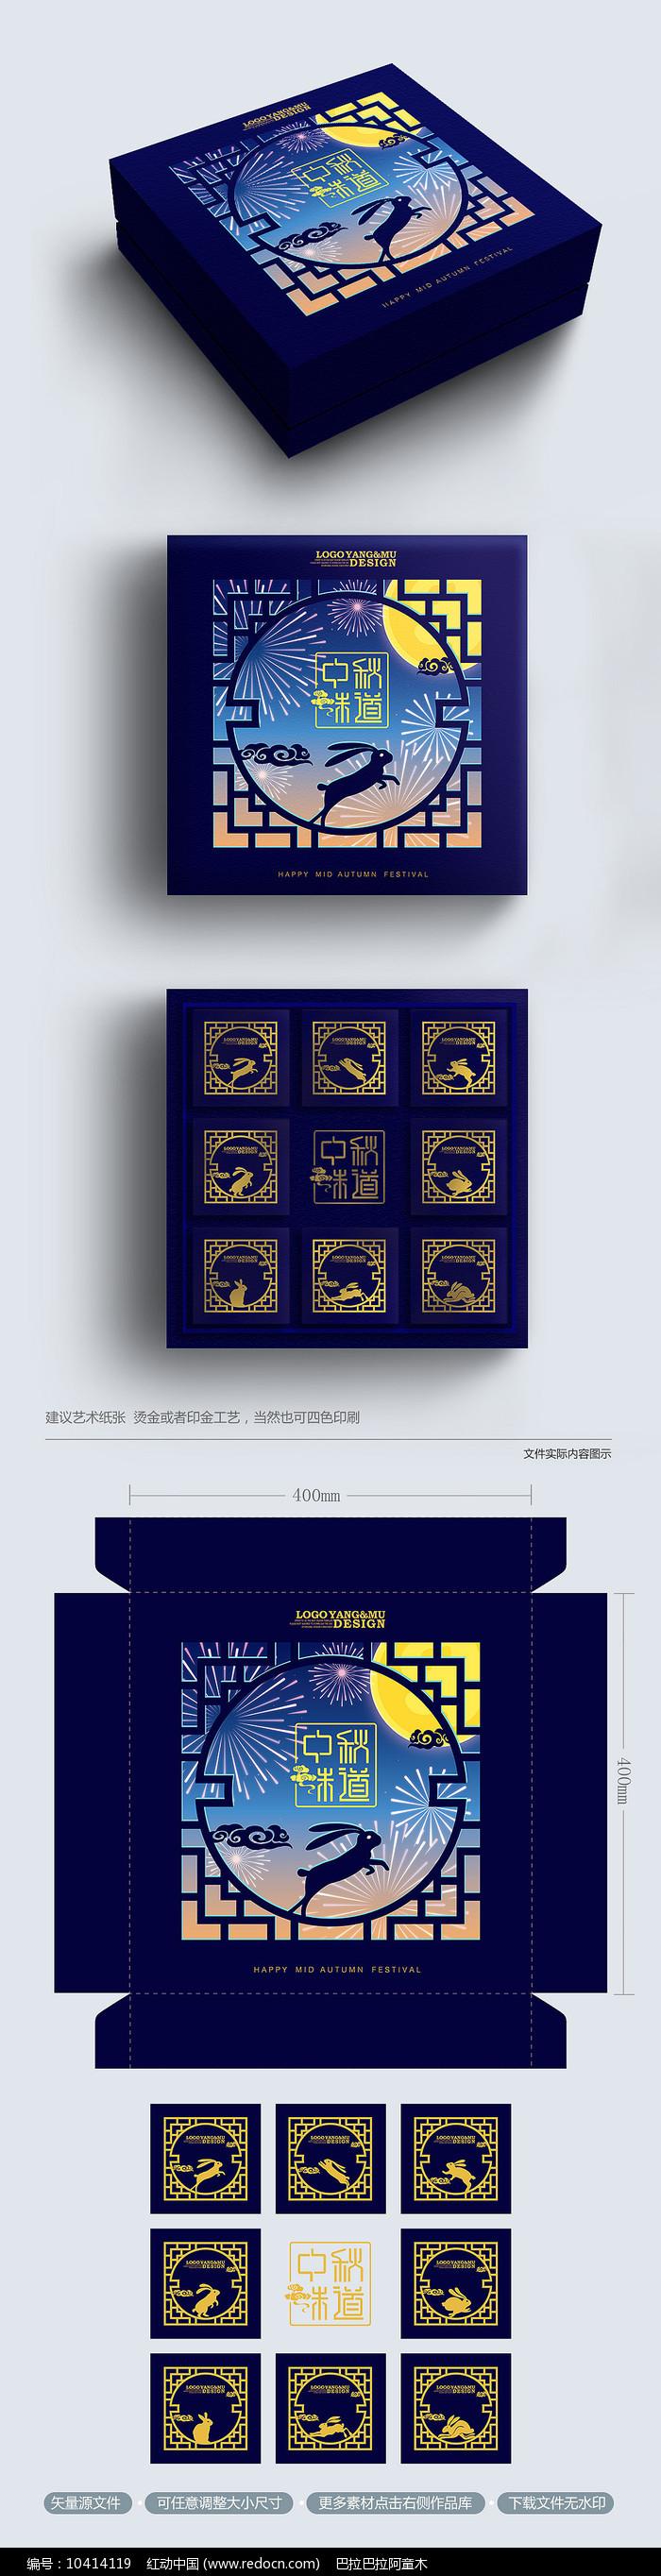 简洁时尚新古典高端中秋月饼包装礼盒图片